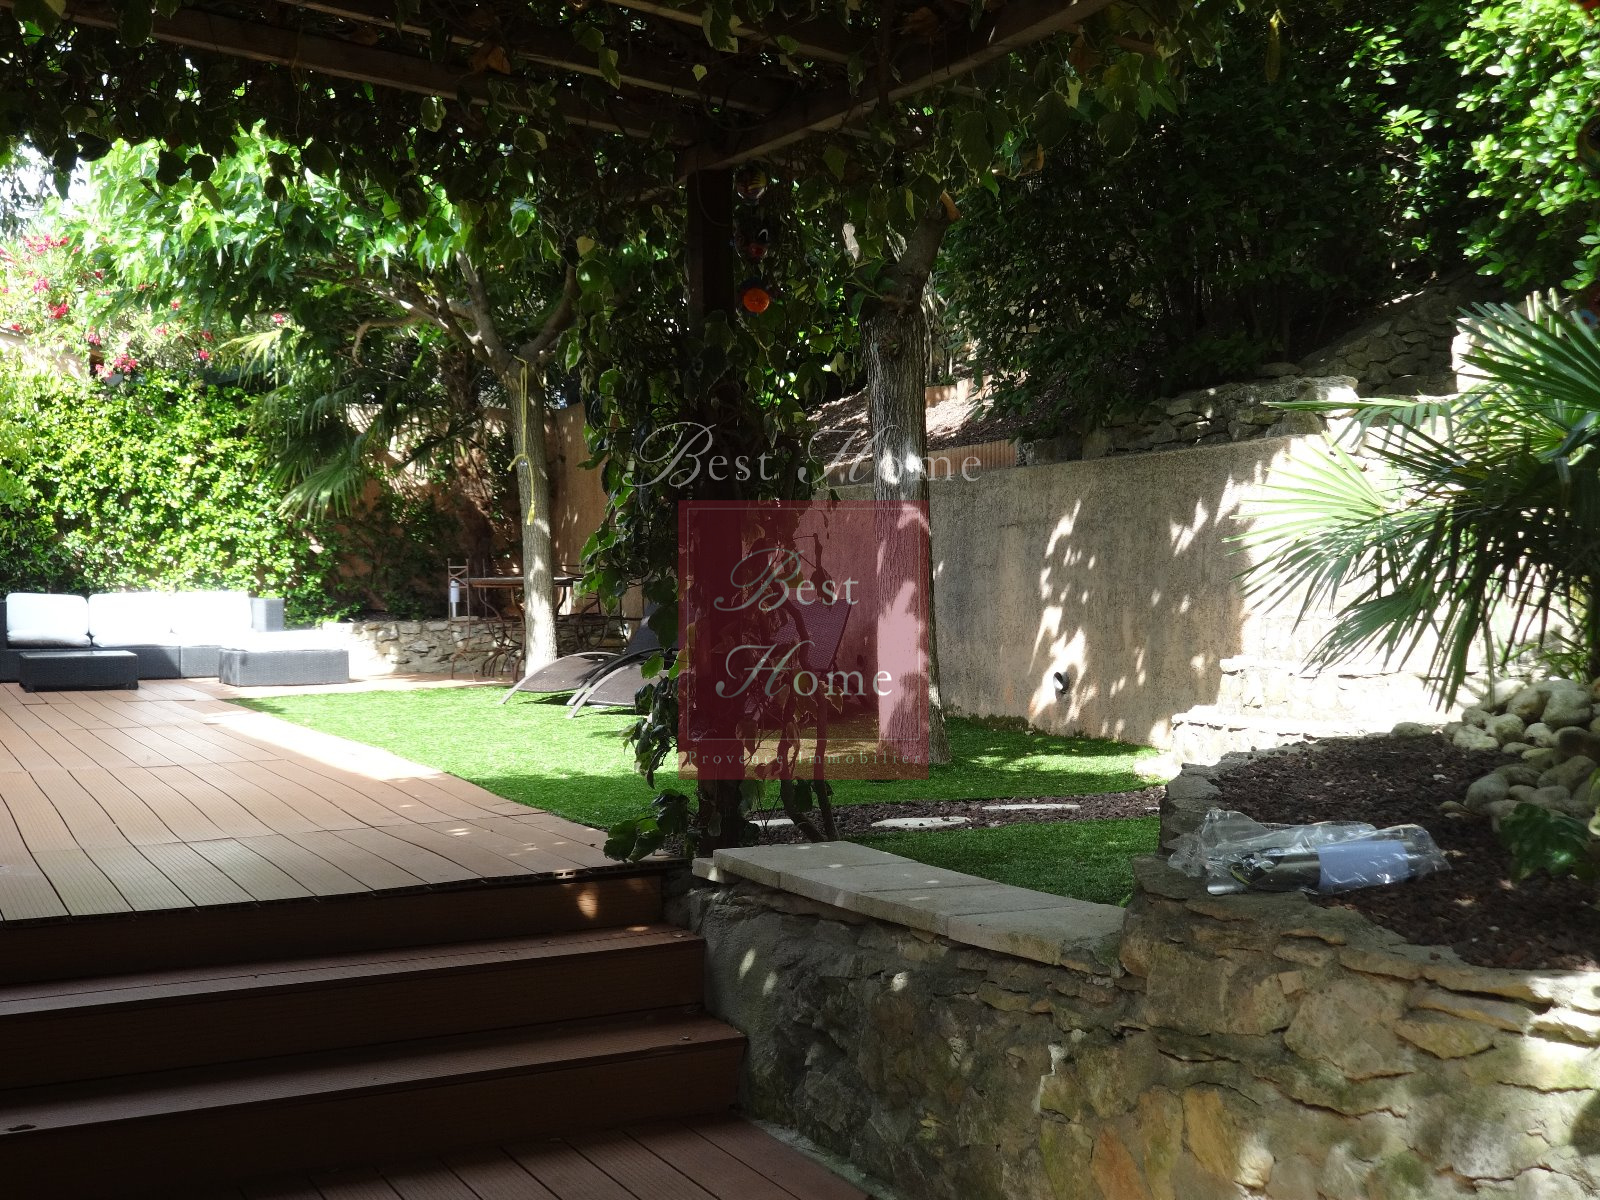 Vente vente agr able maison villa quartier route d uzes nimes avec son jardin intime plein de - Vente maison jardin nimes toulon ...